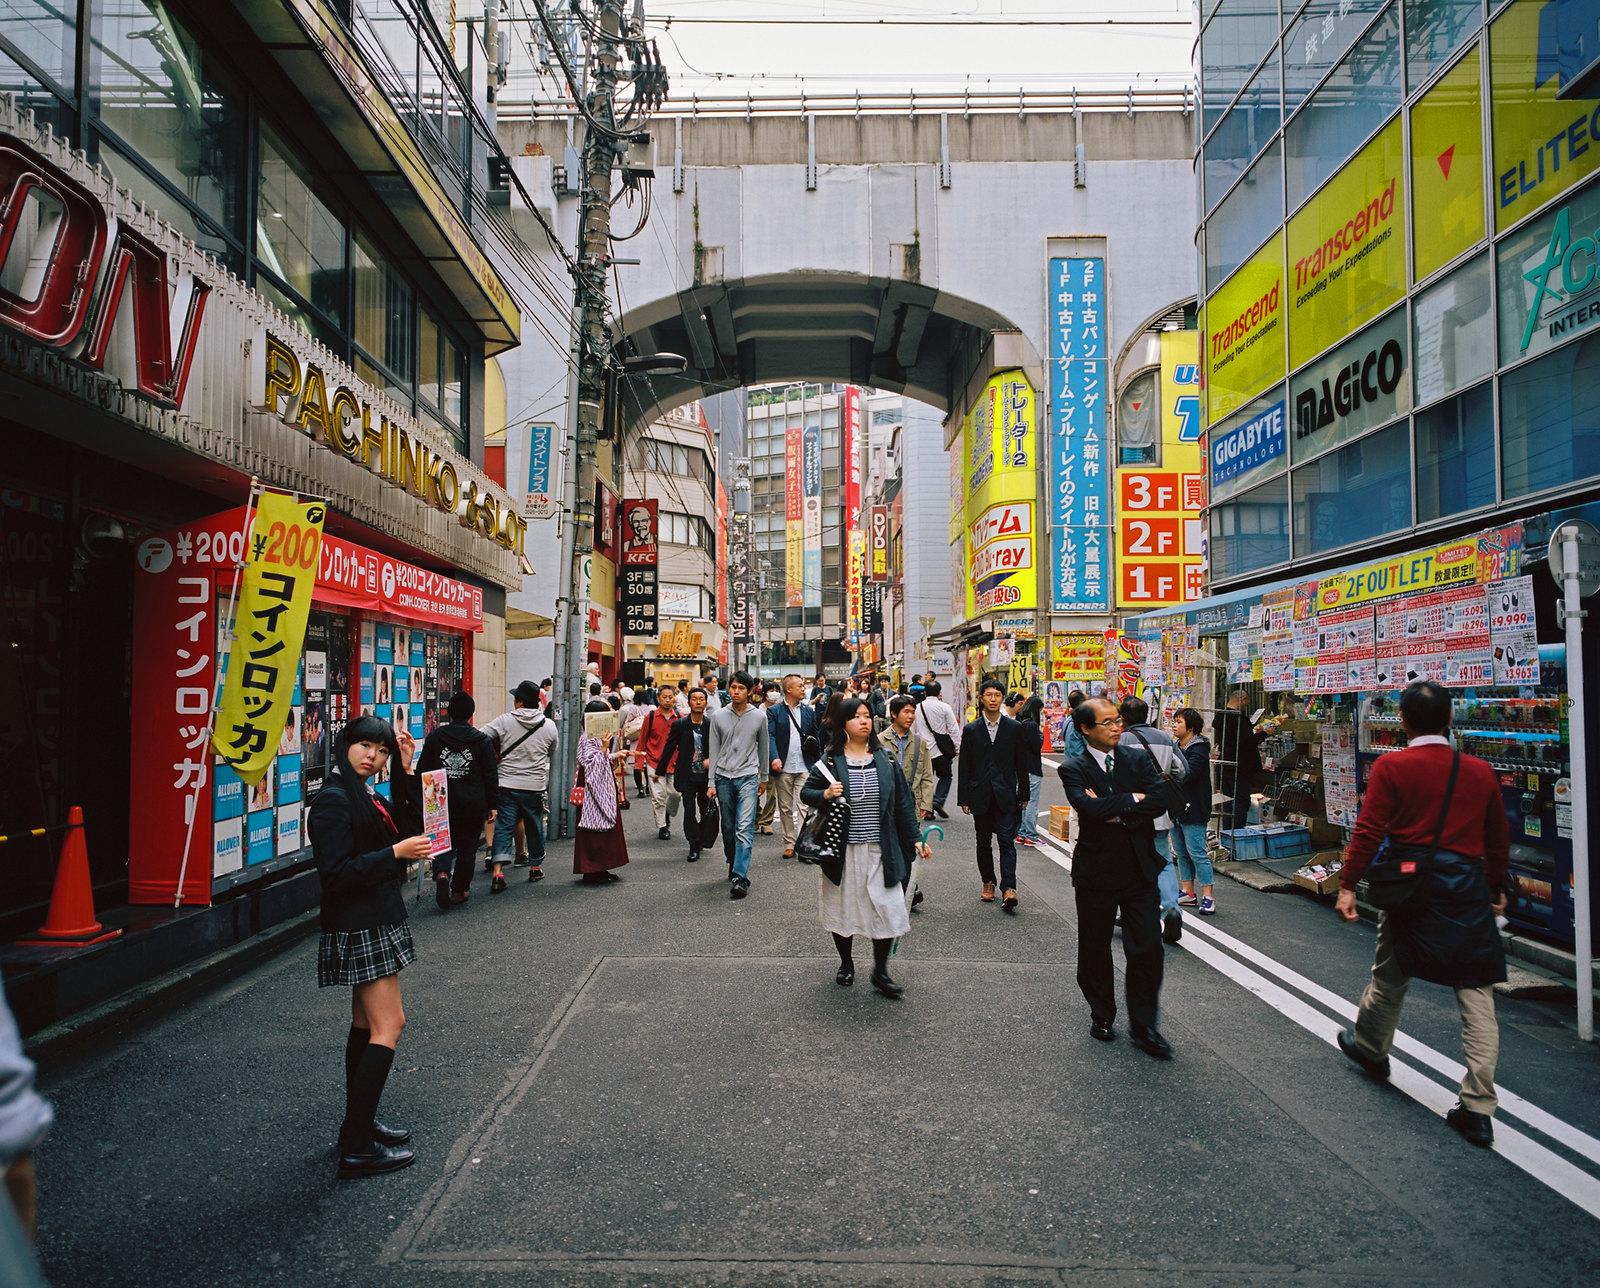 Filthy, Dirty, Akihabara